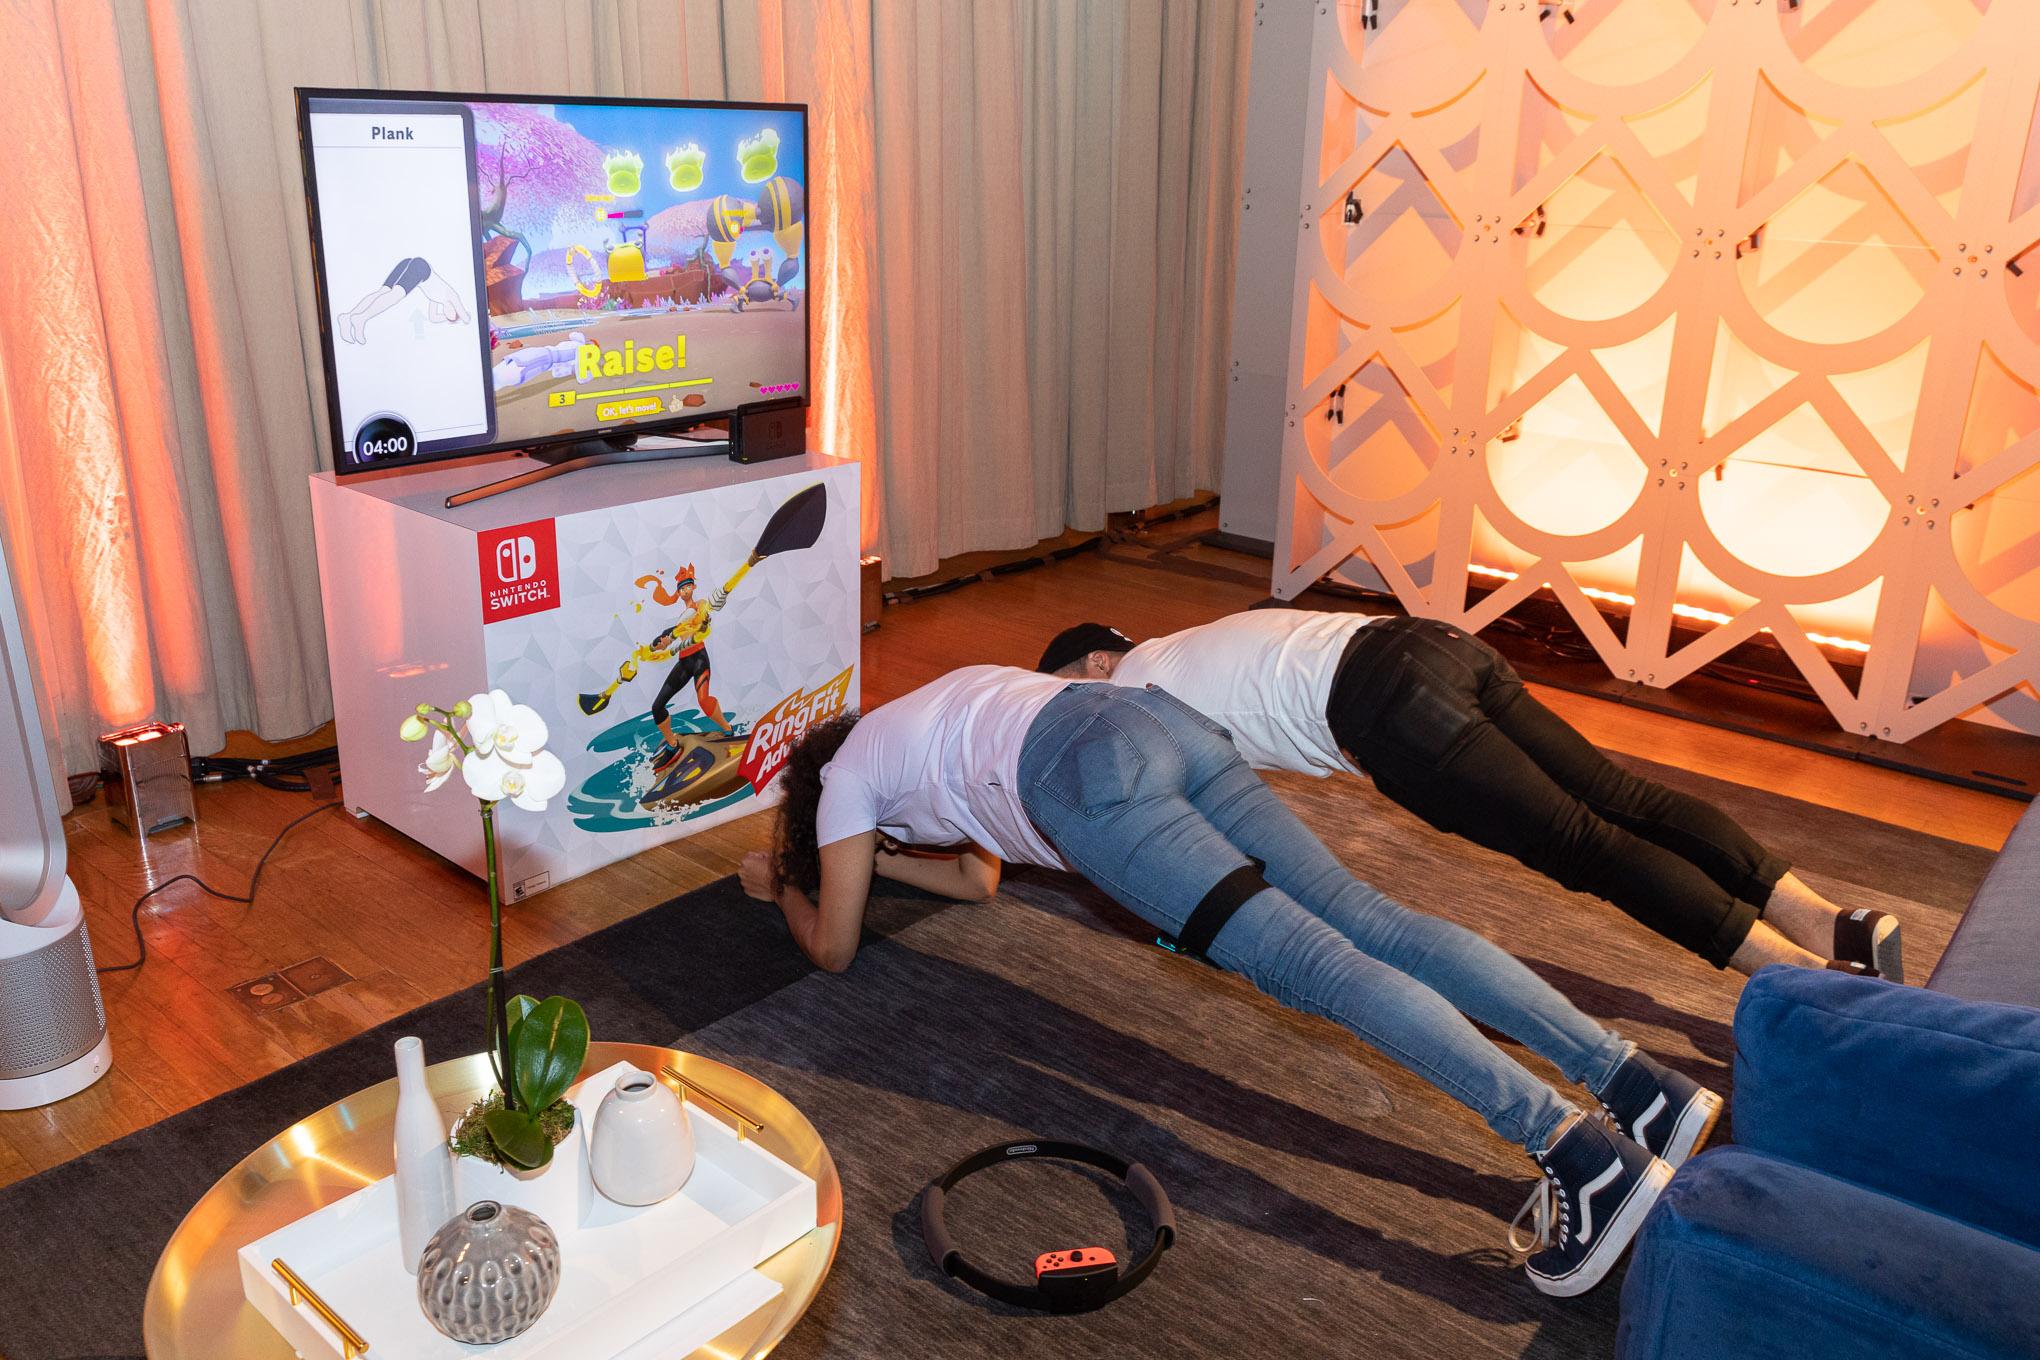 Allegra planking on the ground.